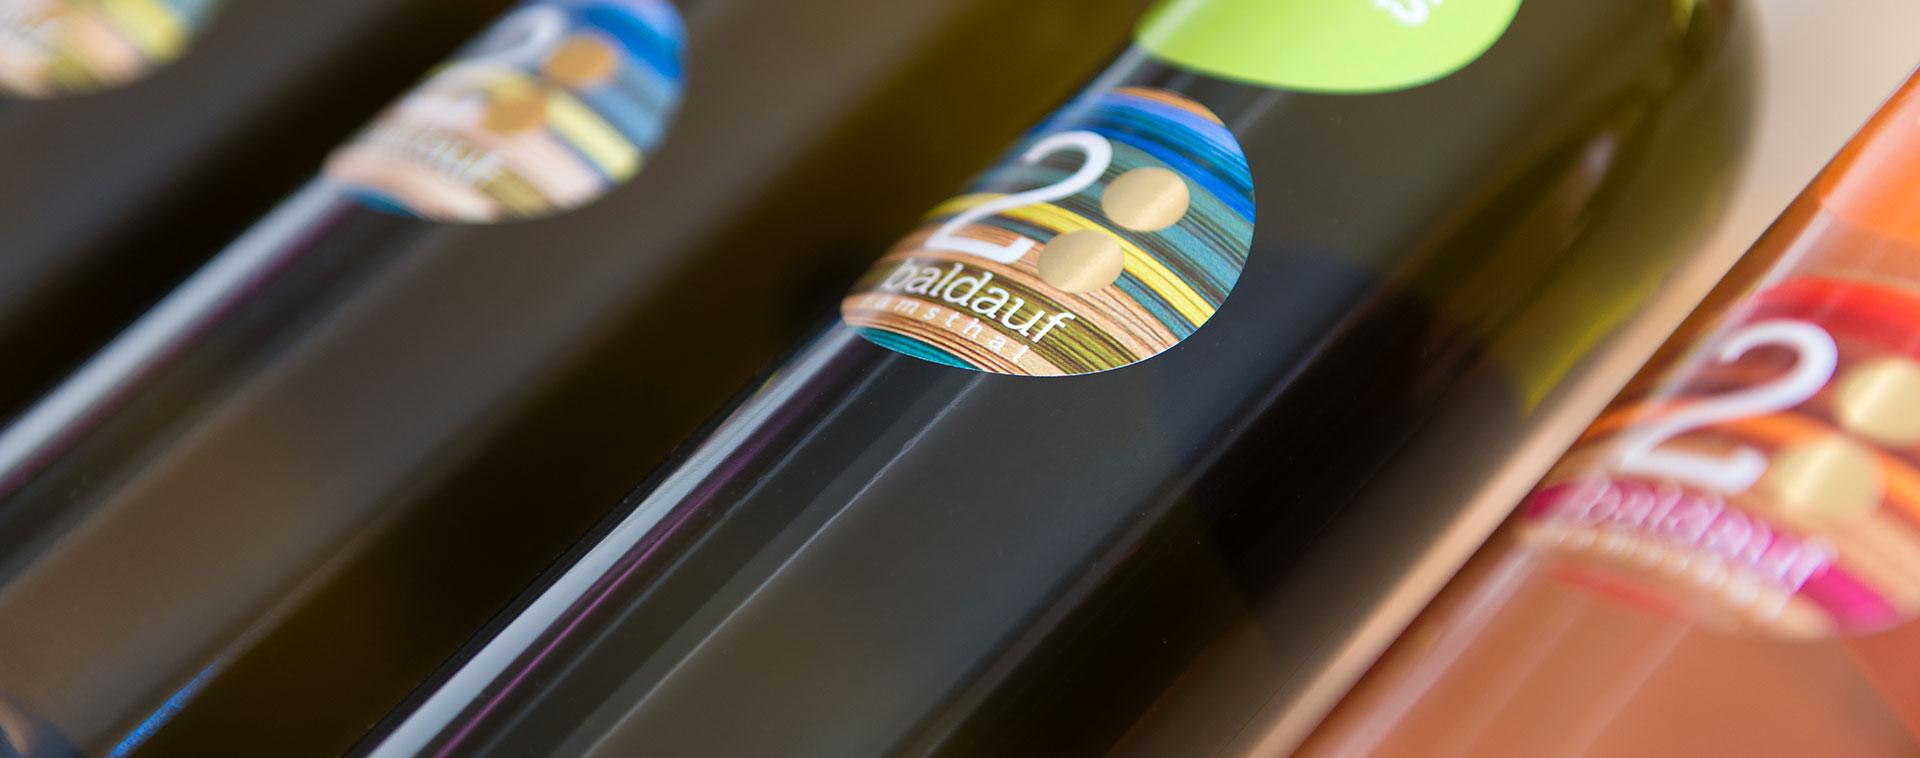 Baldauf Wein - Slider